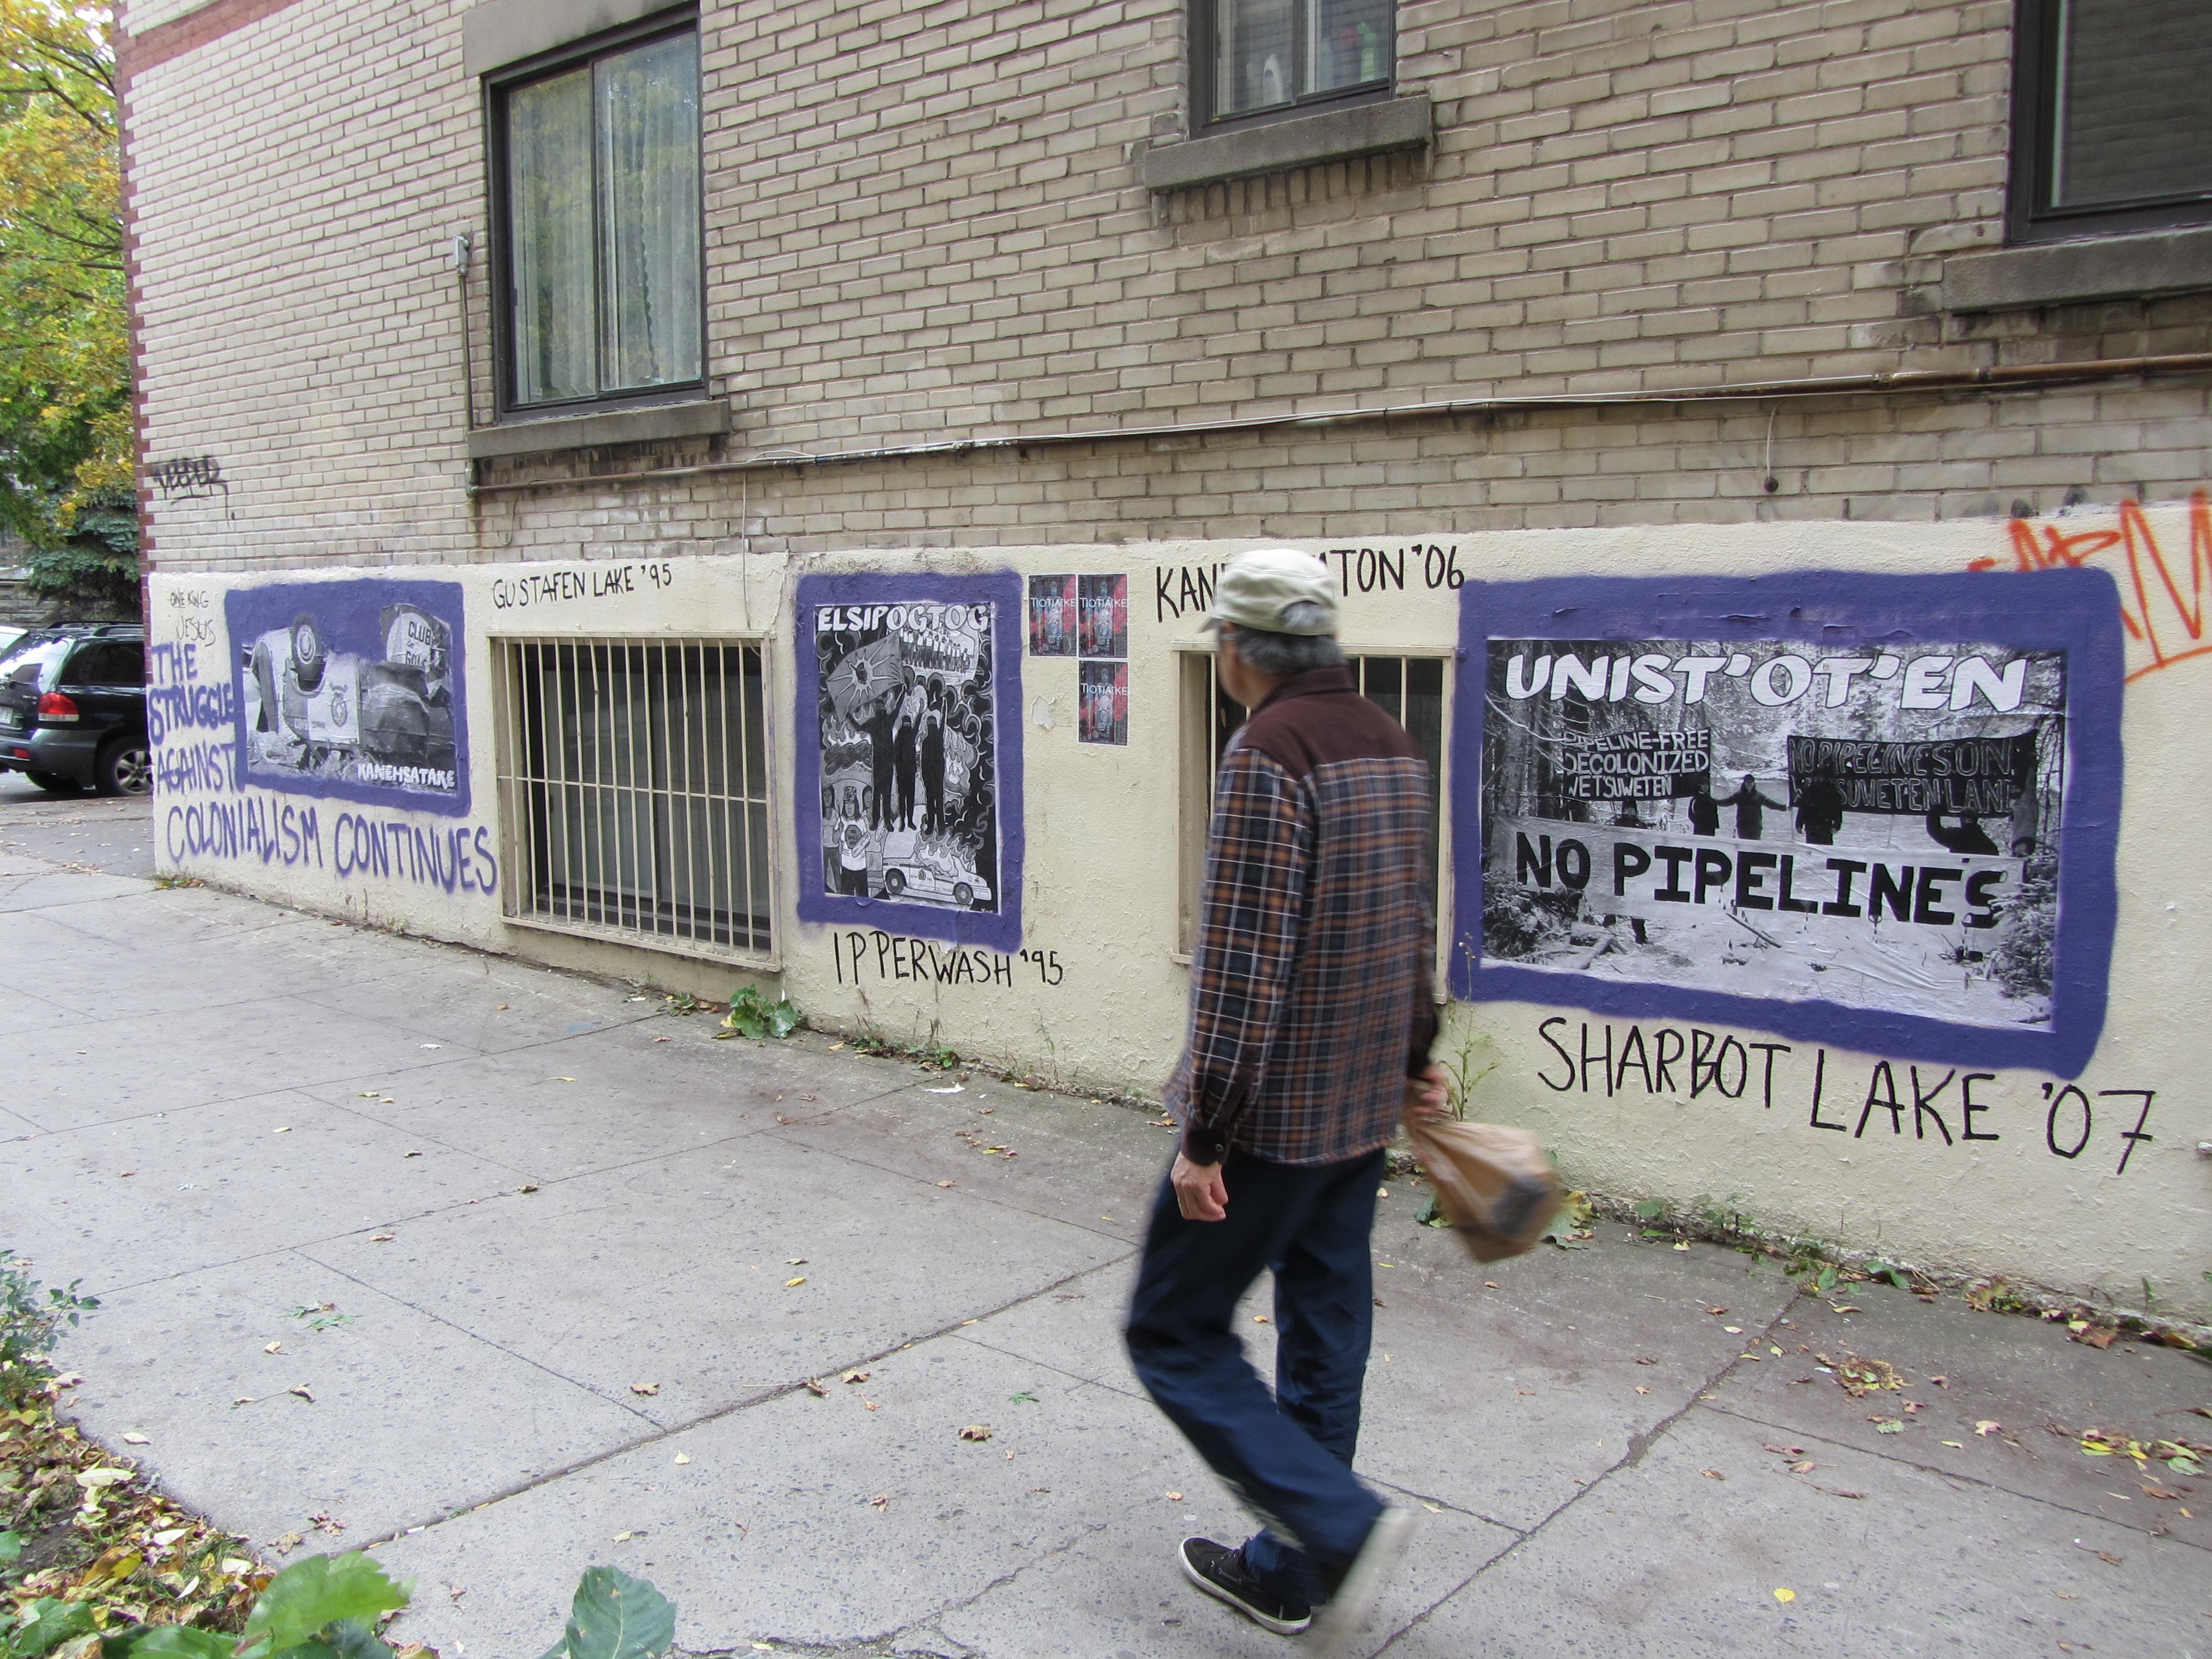 Contre-info en solidarité avec le camp Unist'ot'en